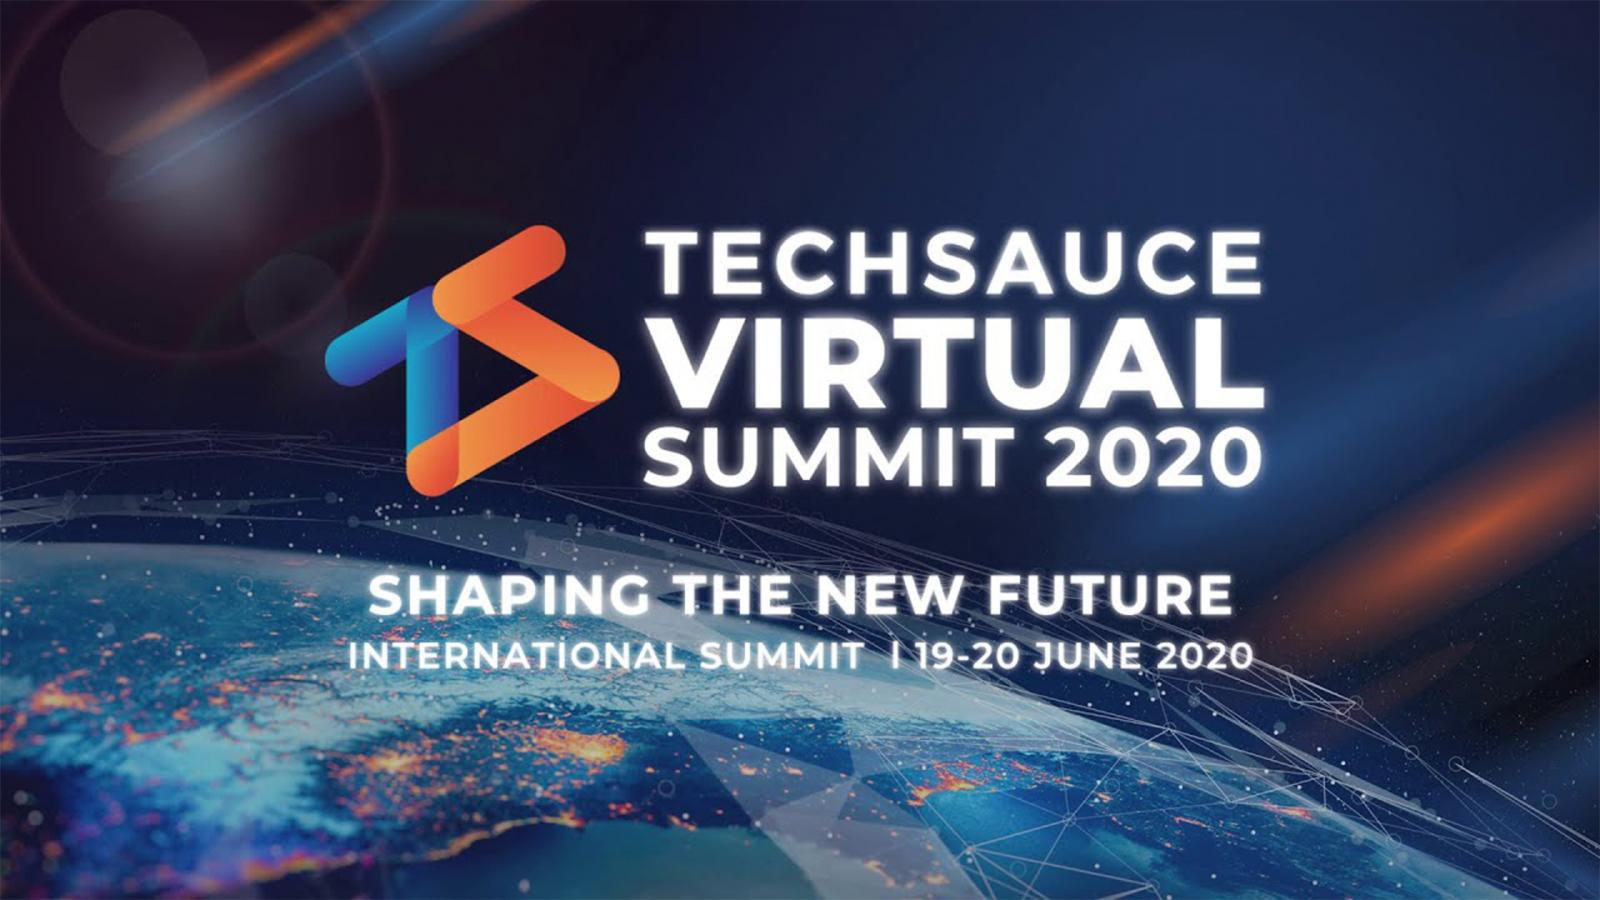 Techsauce Virtual Summit 2020